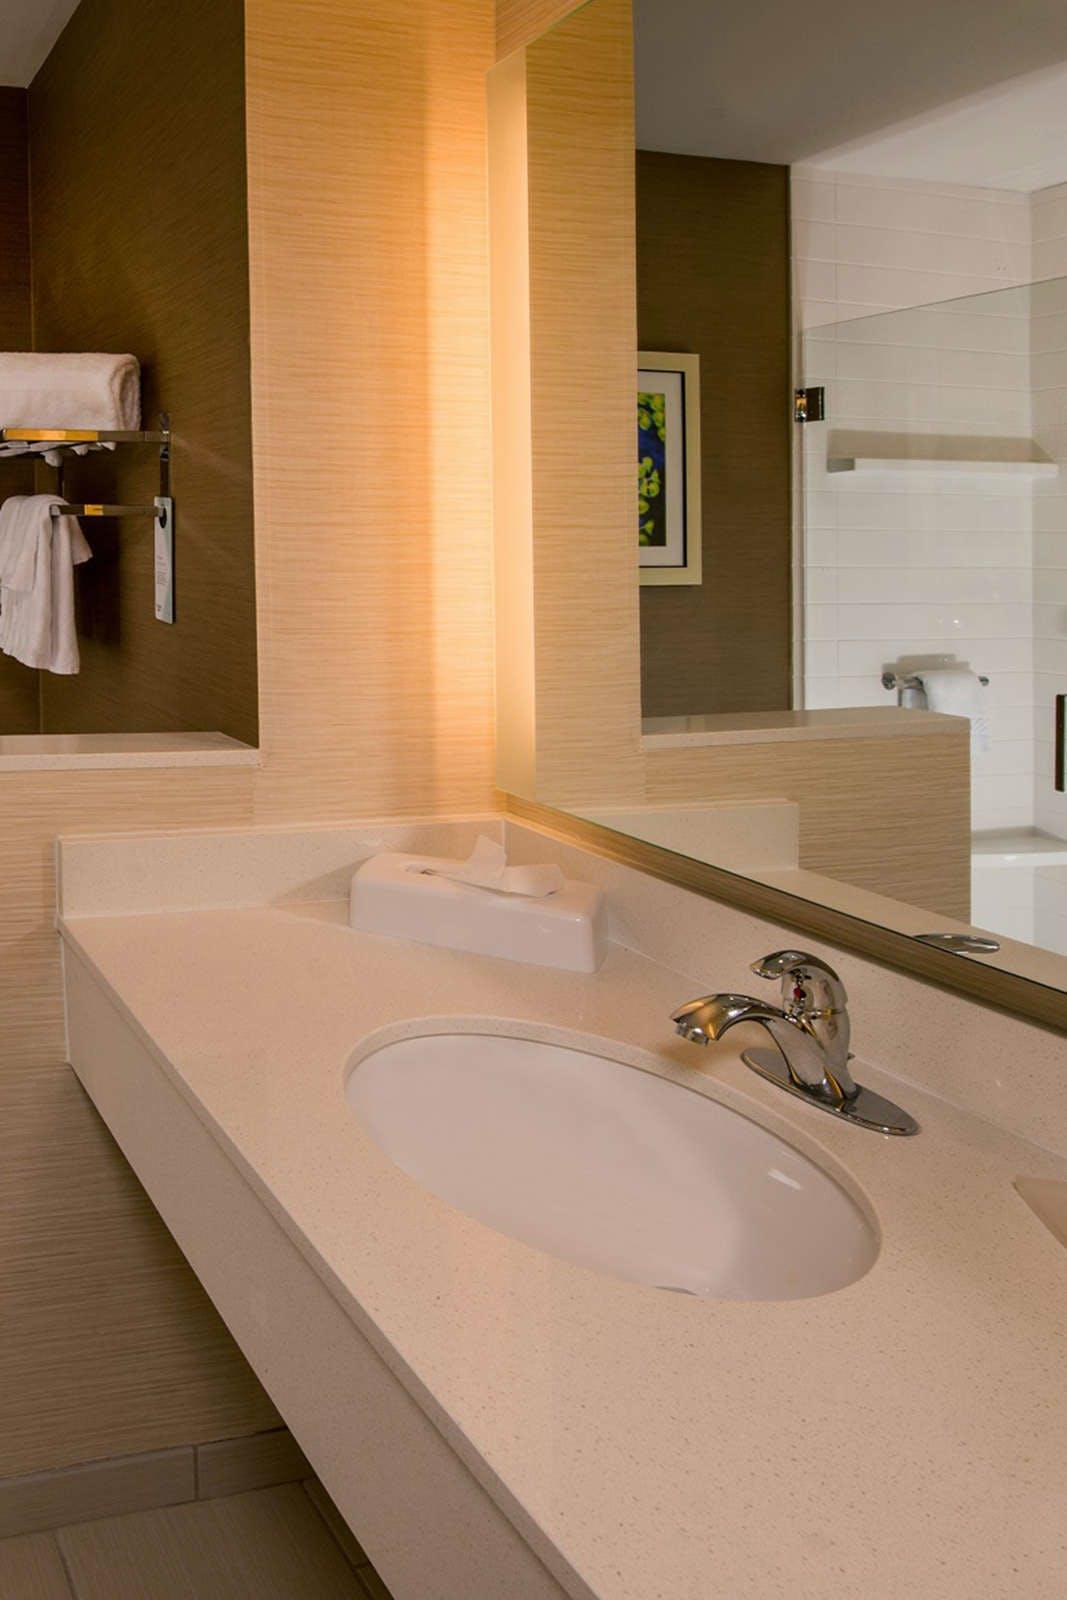 Fairfield Inn & Suites by Marriott Richmond Ashland